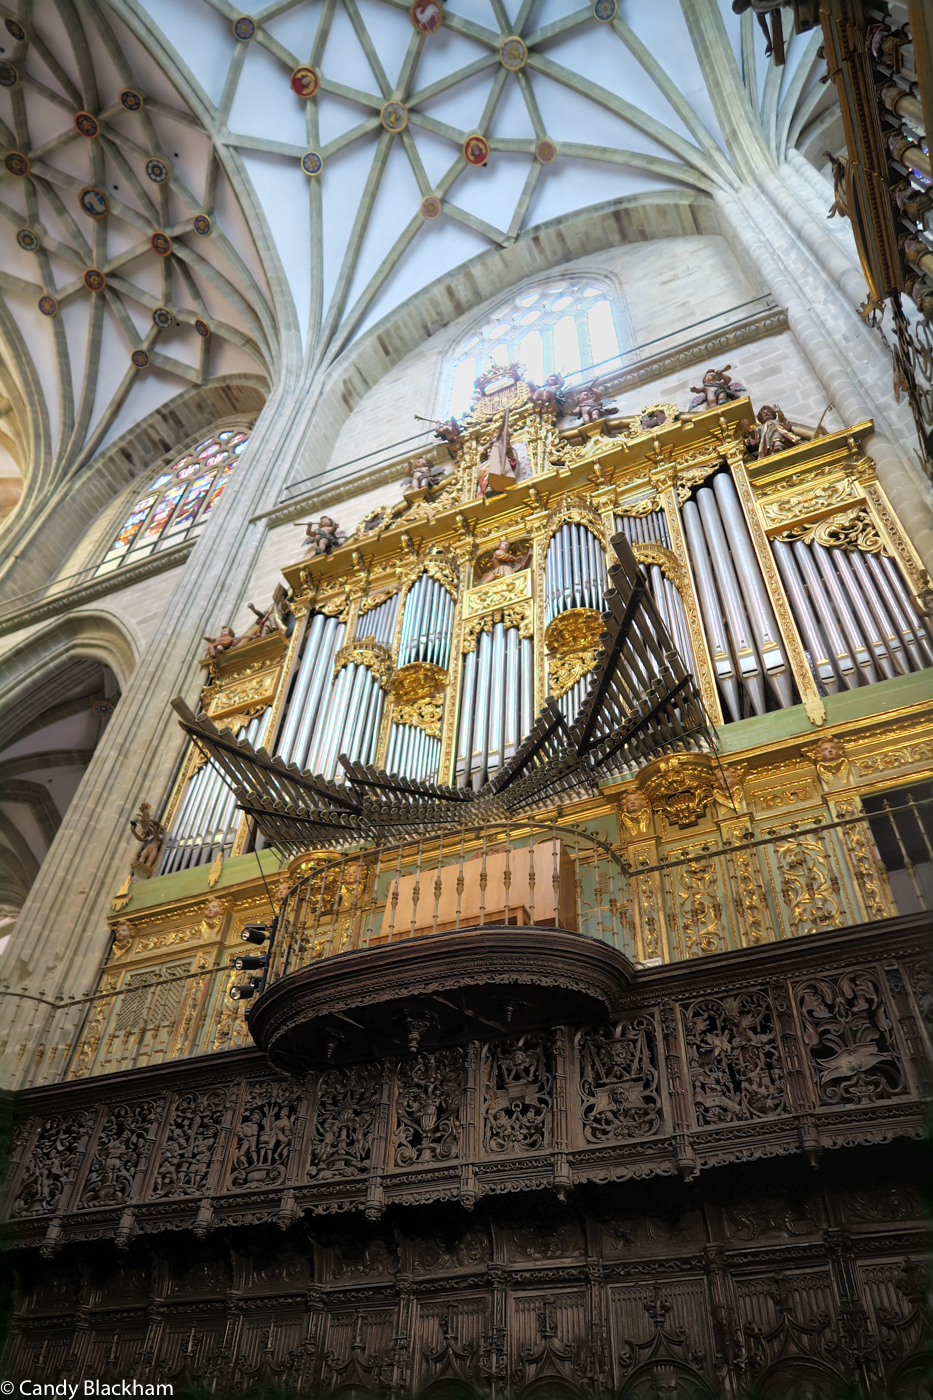 The Organ Loft above the Choir Stalls